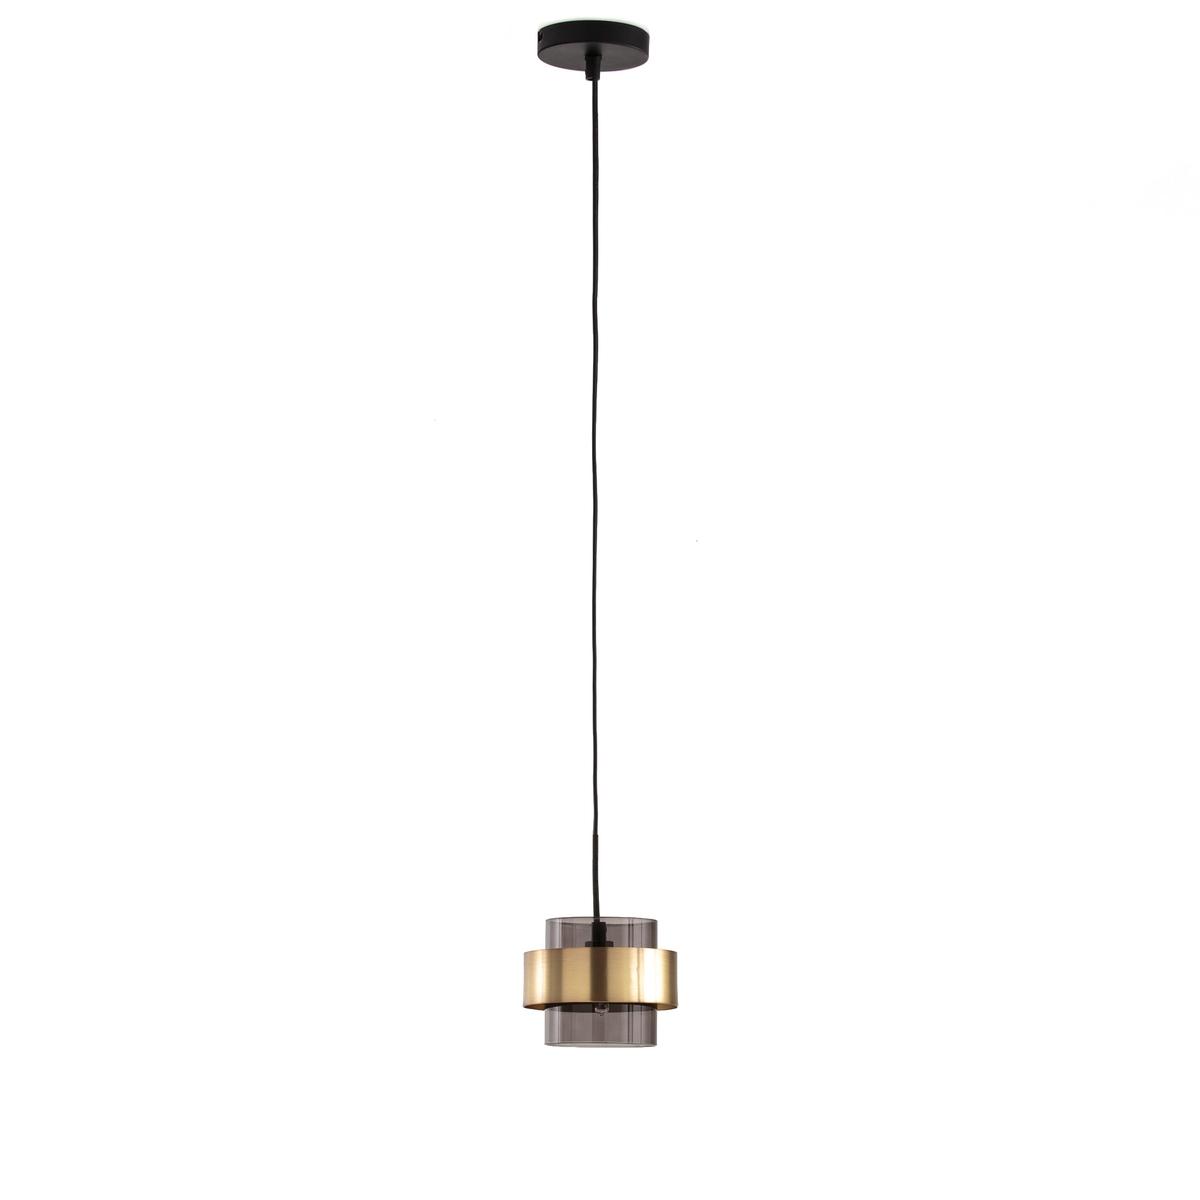 Светильник из стекла и металла BOTELLO бра из черного металла и металла с отделкой под латунь elori